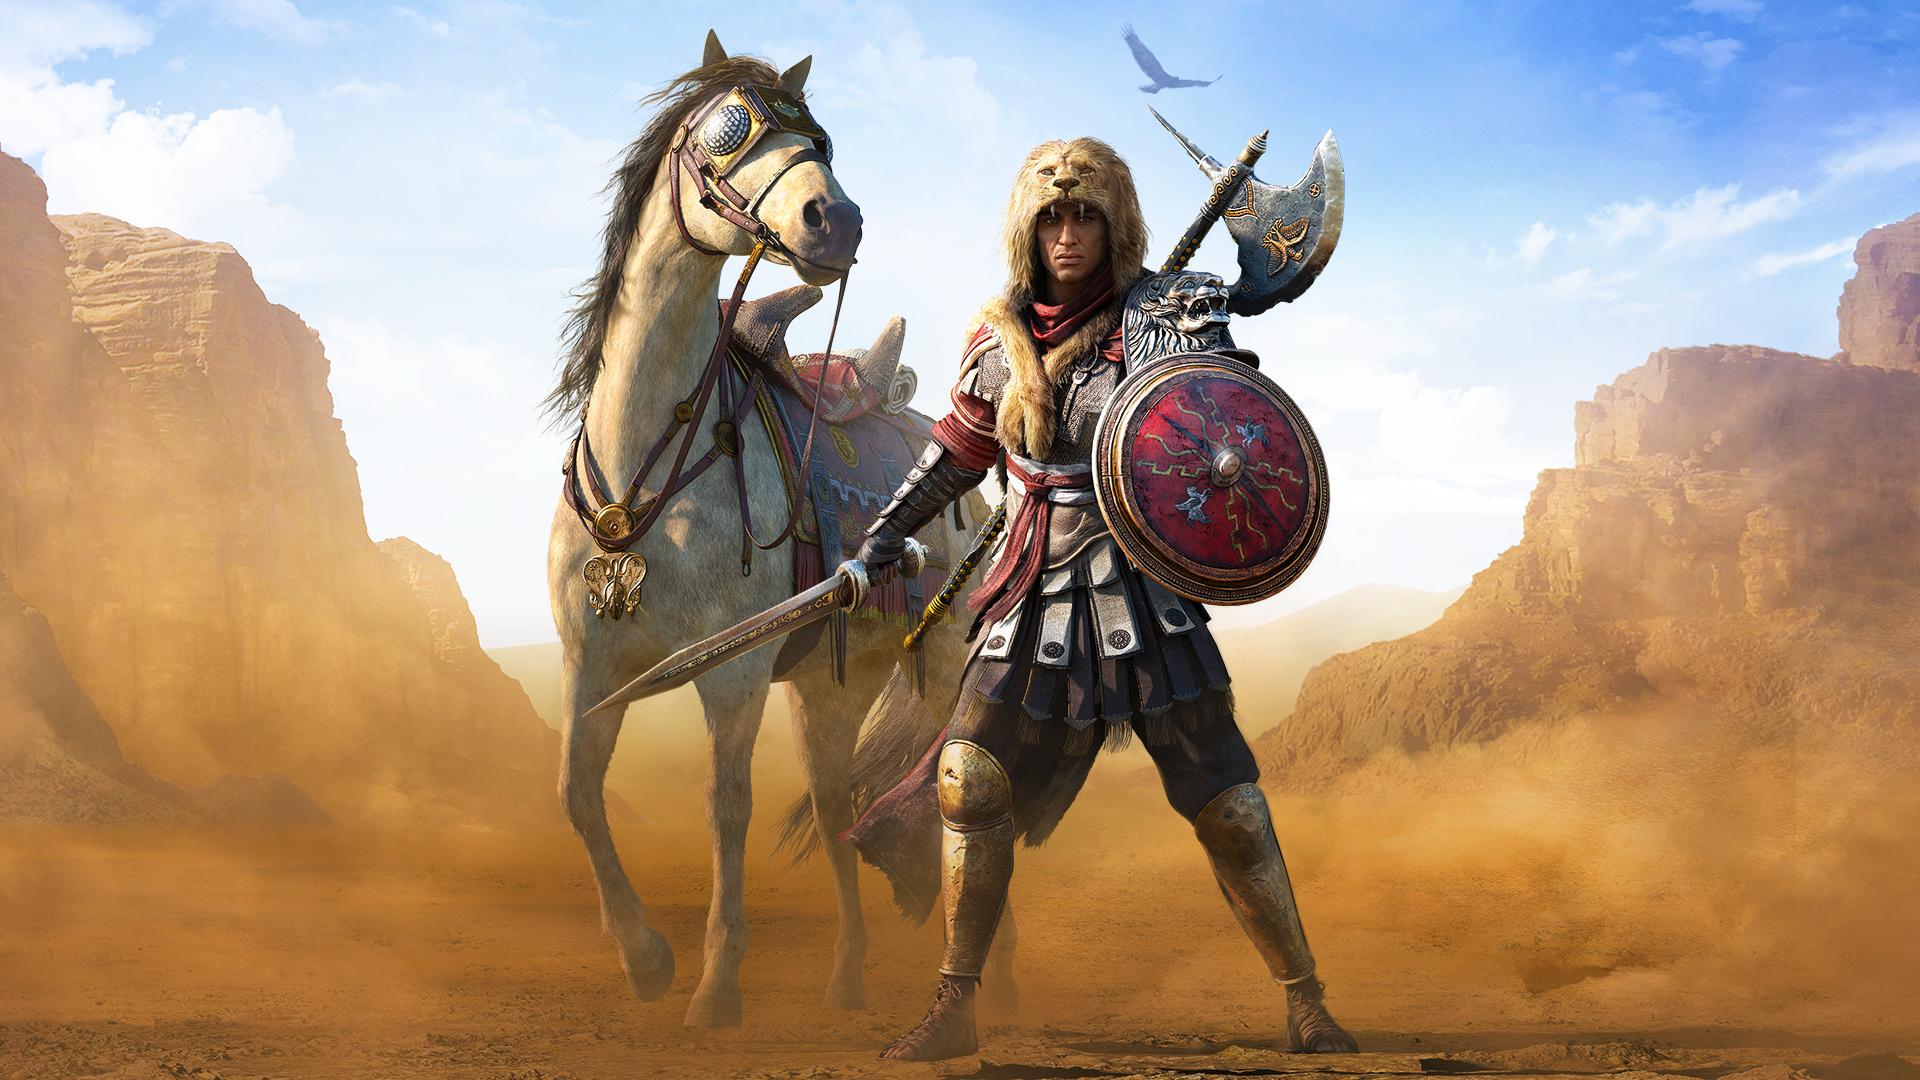 Римский сотник убийц вероучения происхождения обои скачать